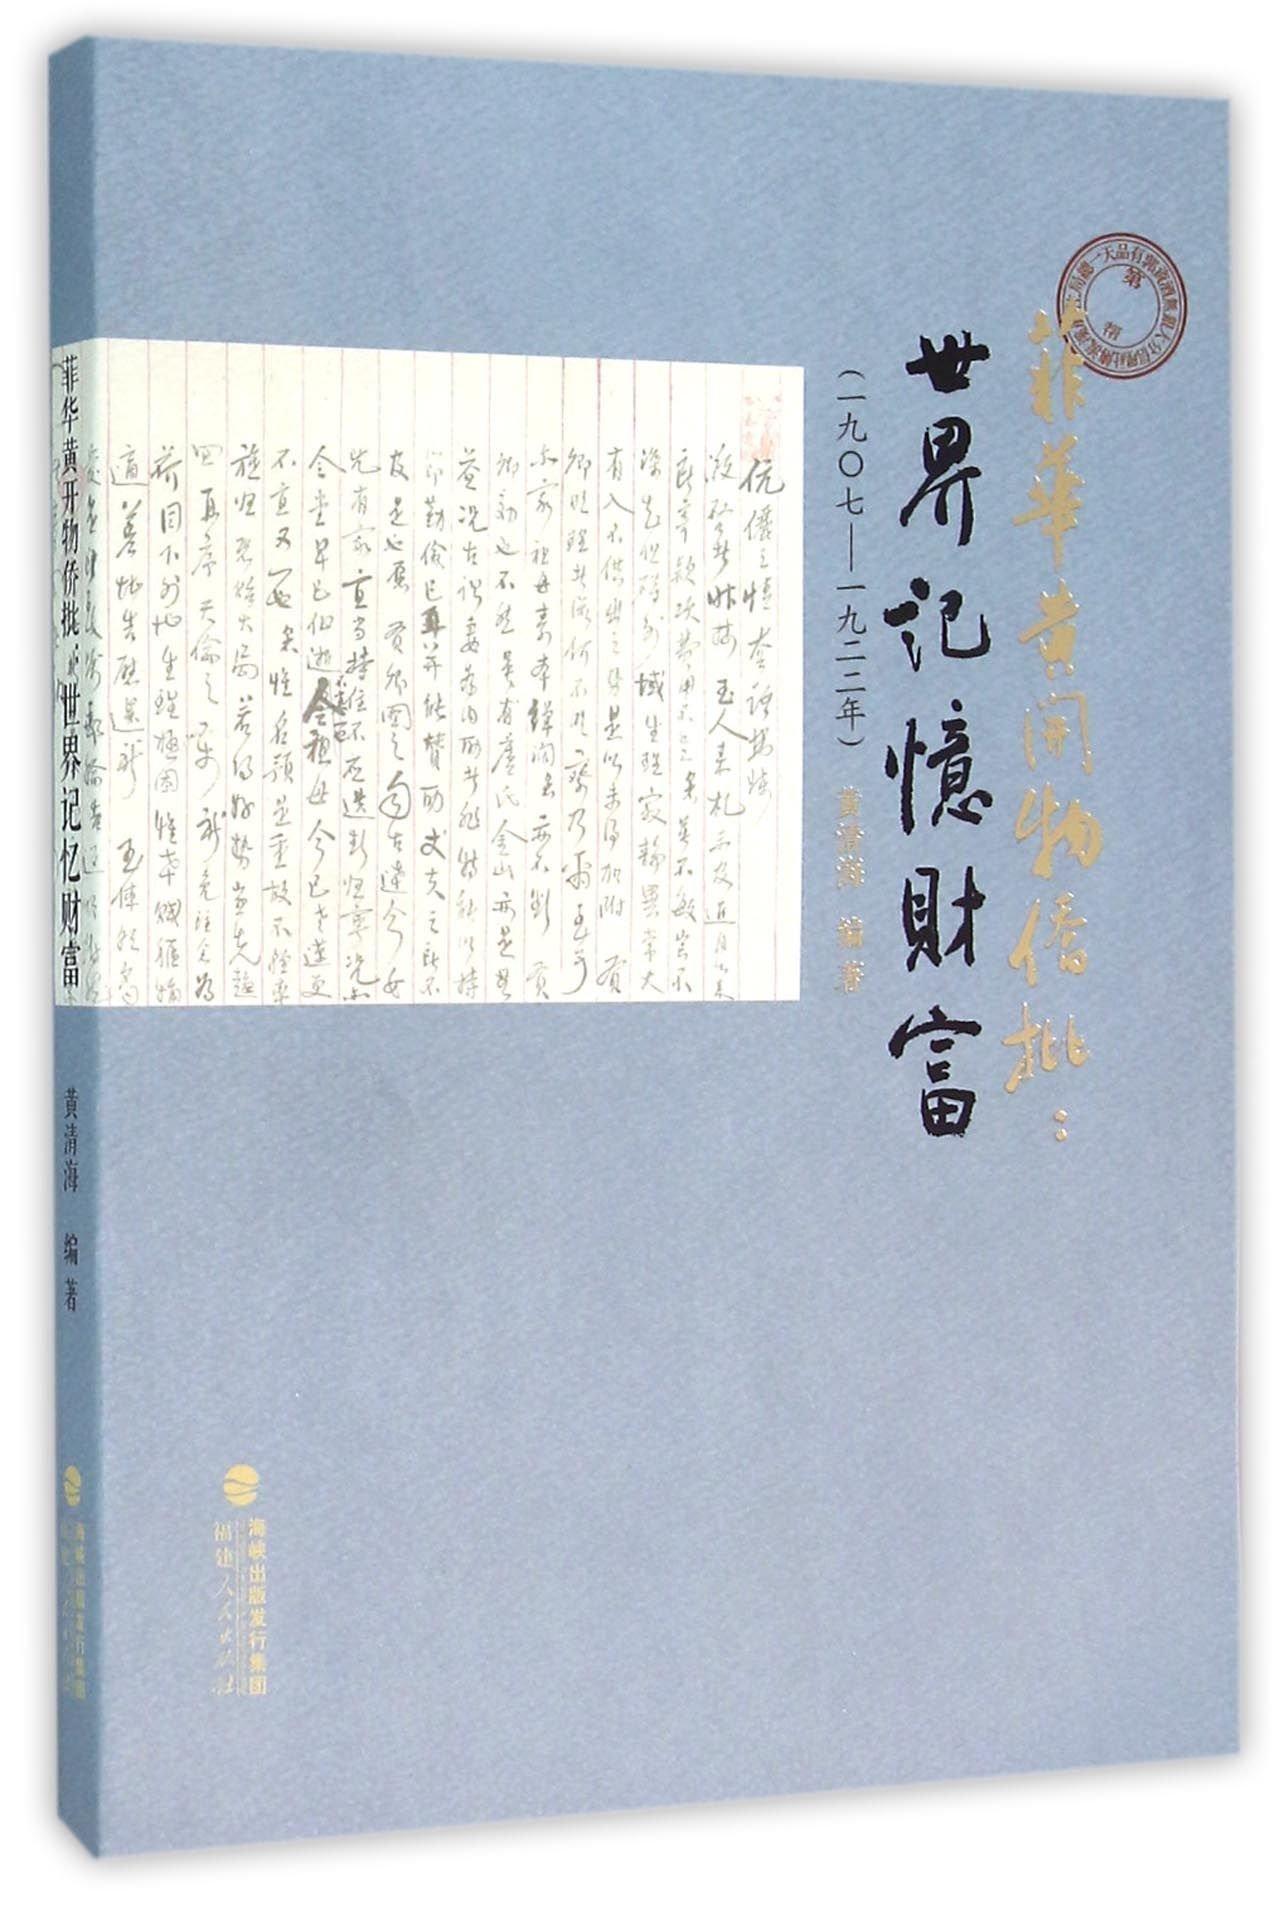 菲华黄开物侨批--世界记忆财富(1907-1922年) ebook